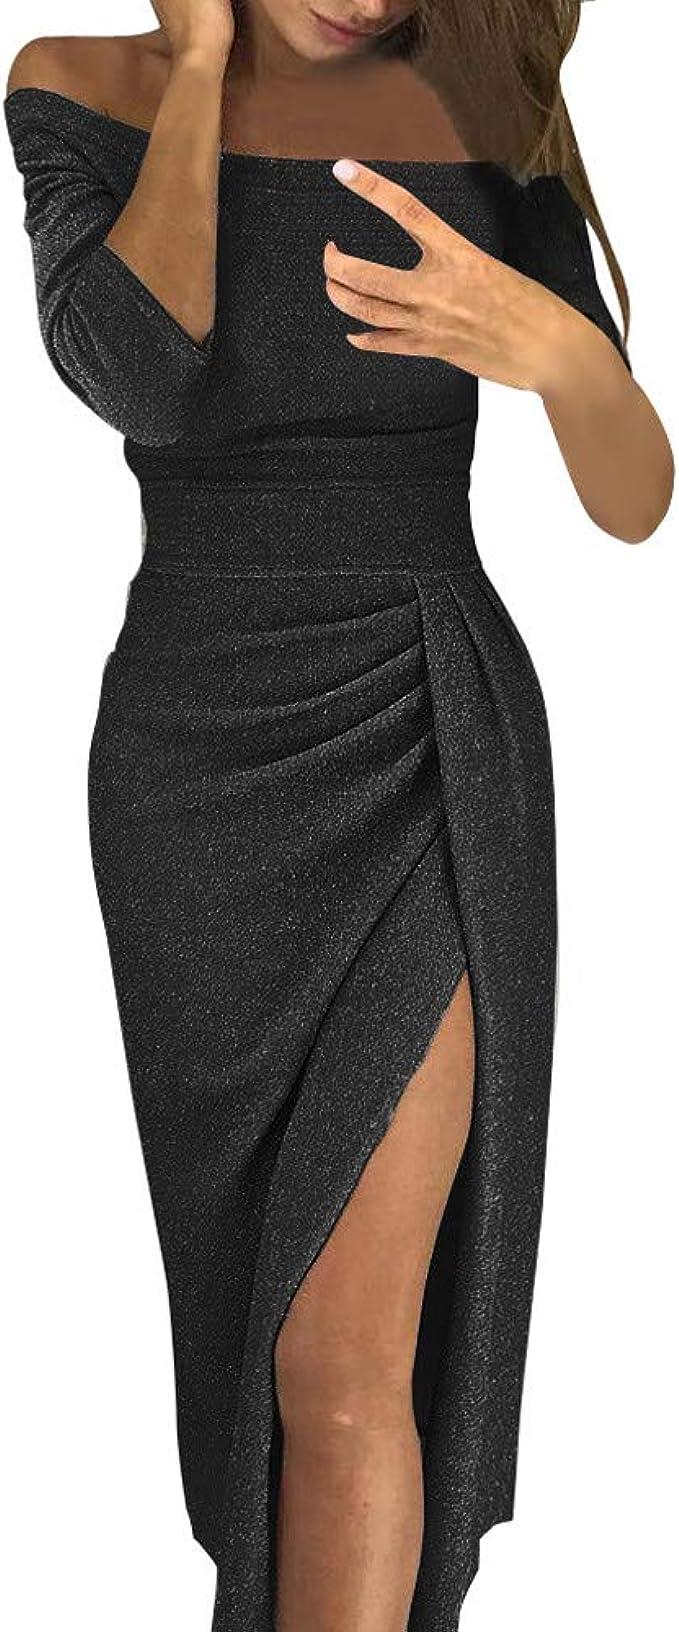 Beikoard Damen Schulterfrei Kleider Cocktailkleid Kleider für Hochzeit  Elegant Maxikleider Partykleid Wickelkleid Lange Kleider Abendkleider 17  Farbe